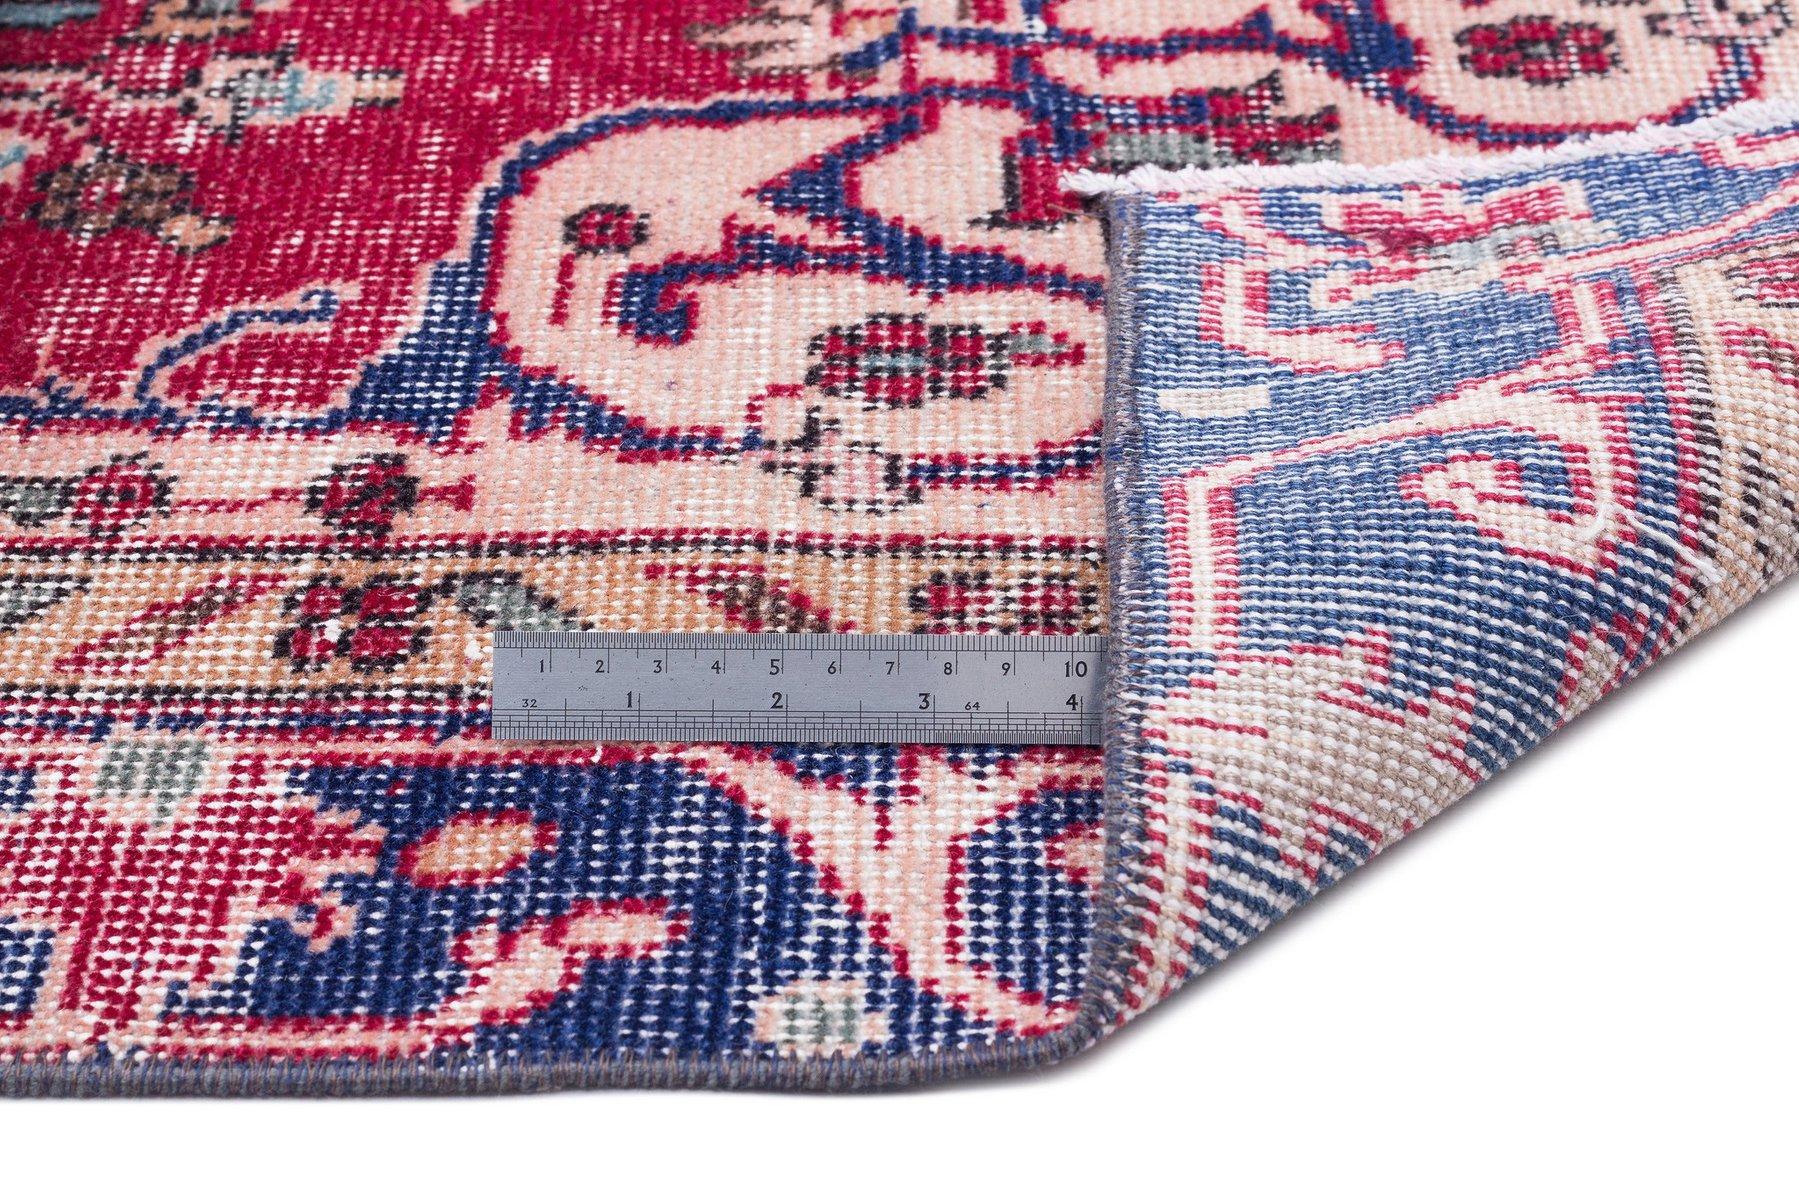 tapis reteint rouge beige et bleu turquie 1960s en vente sur pamono. Black Bedroom Furniture Sets. Home Design Ideas